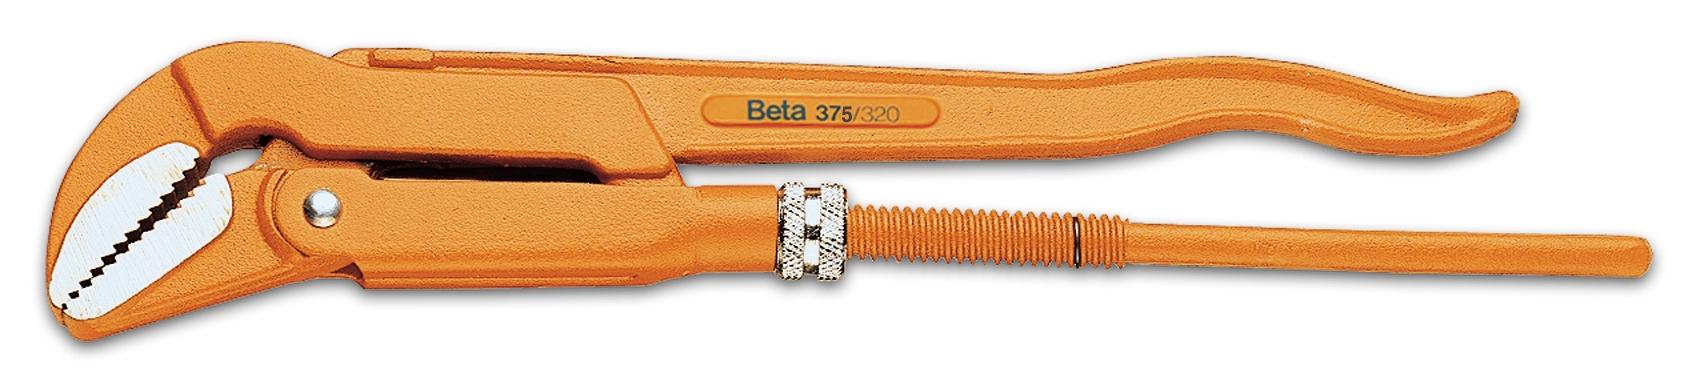 Giratubi svedese 375 - BETA Utensili